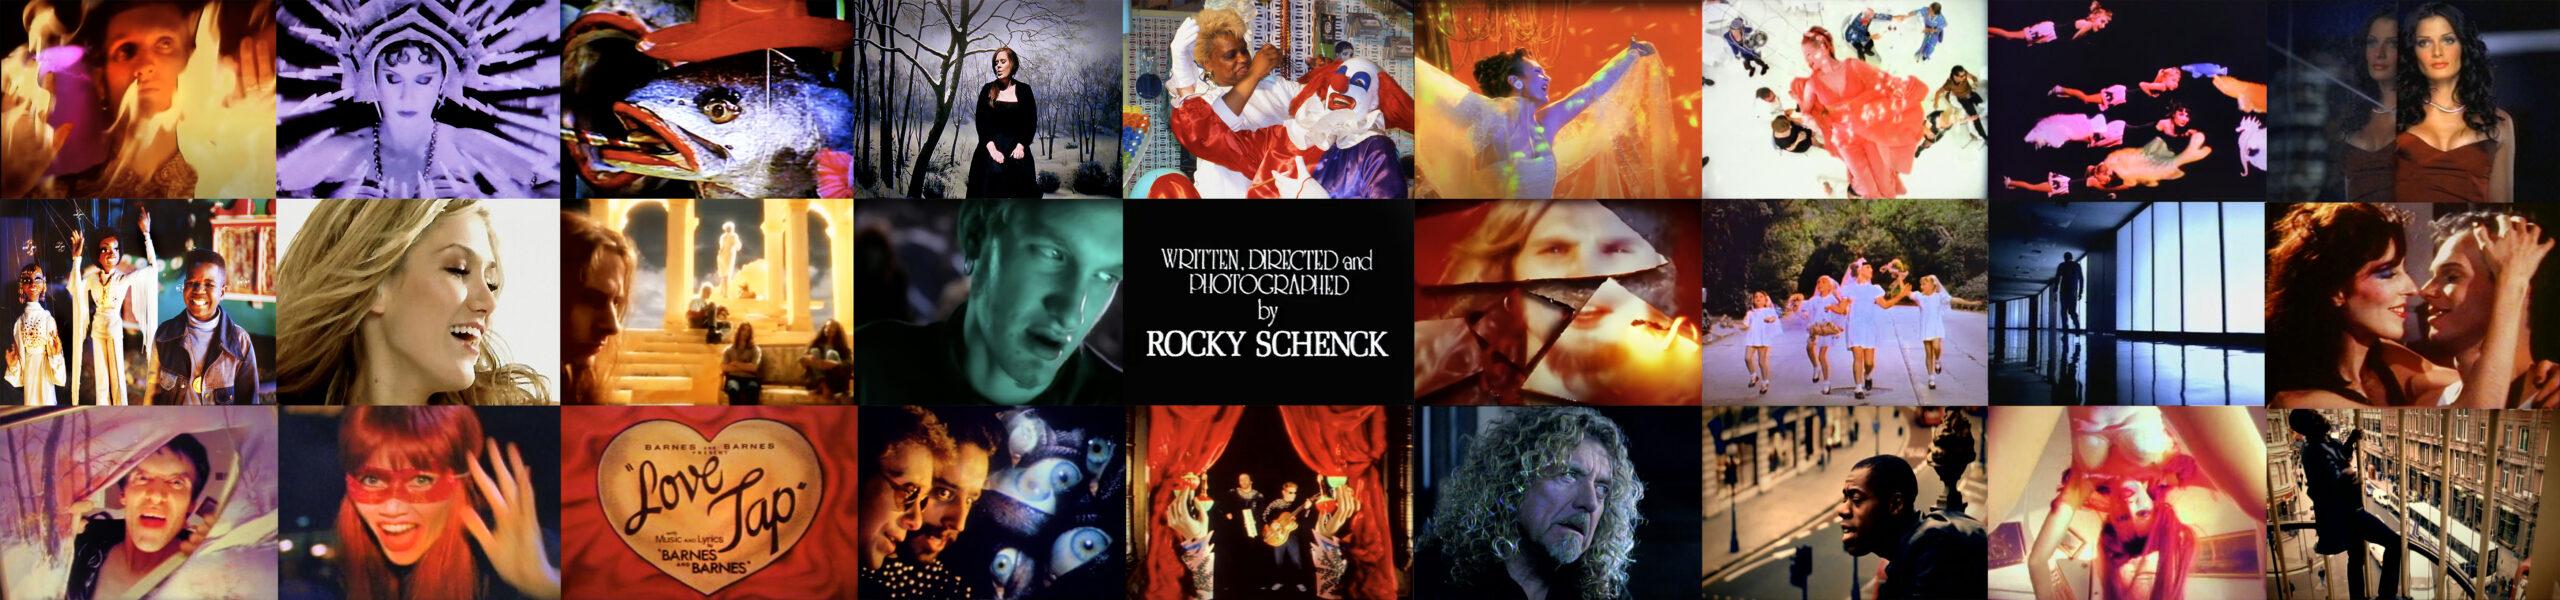 Rocky Schenck Music Video Montage